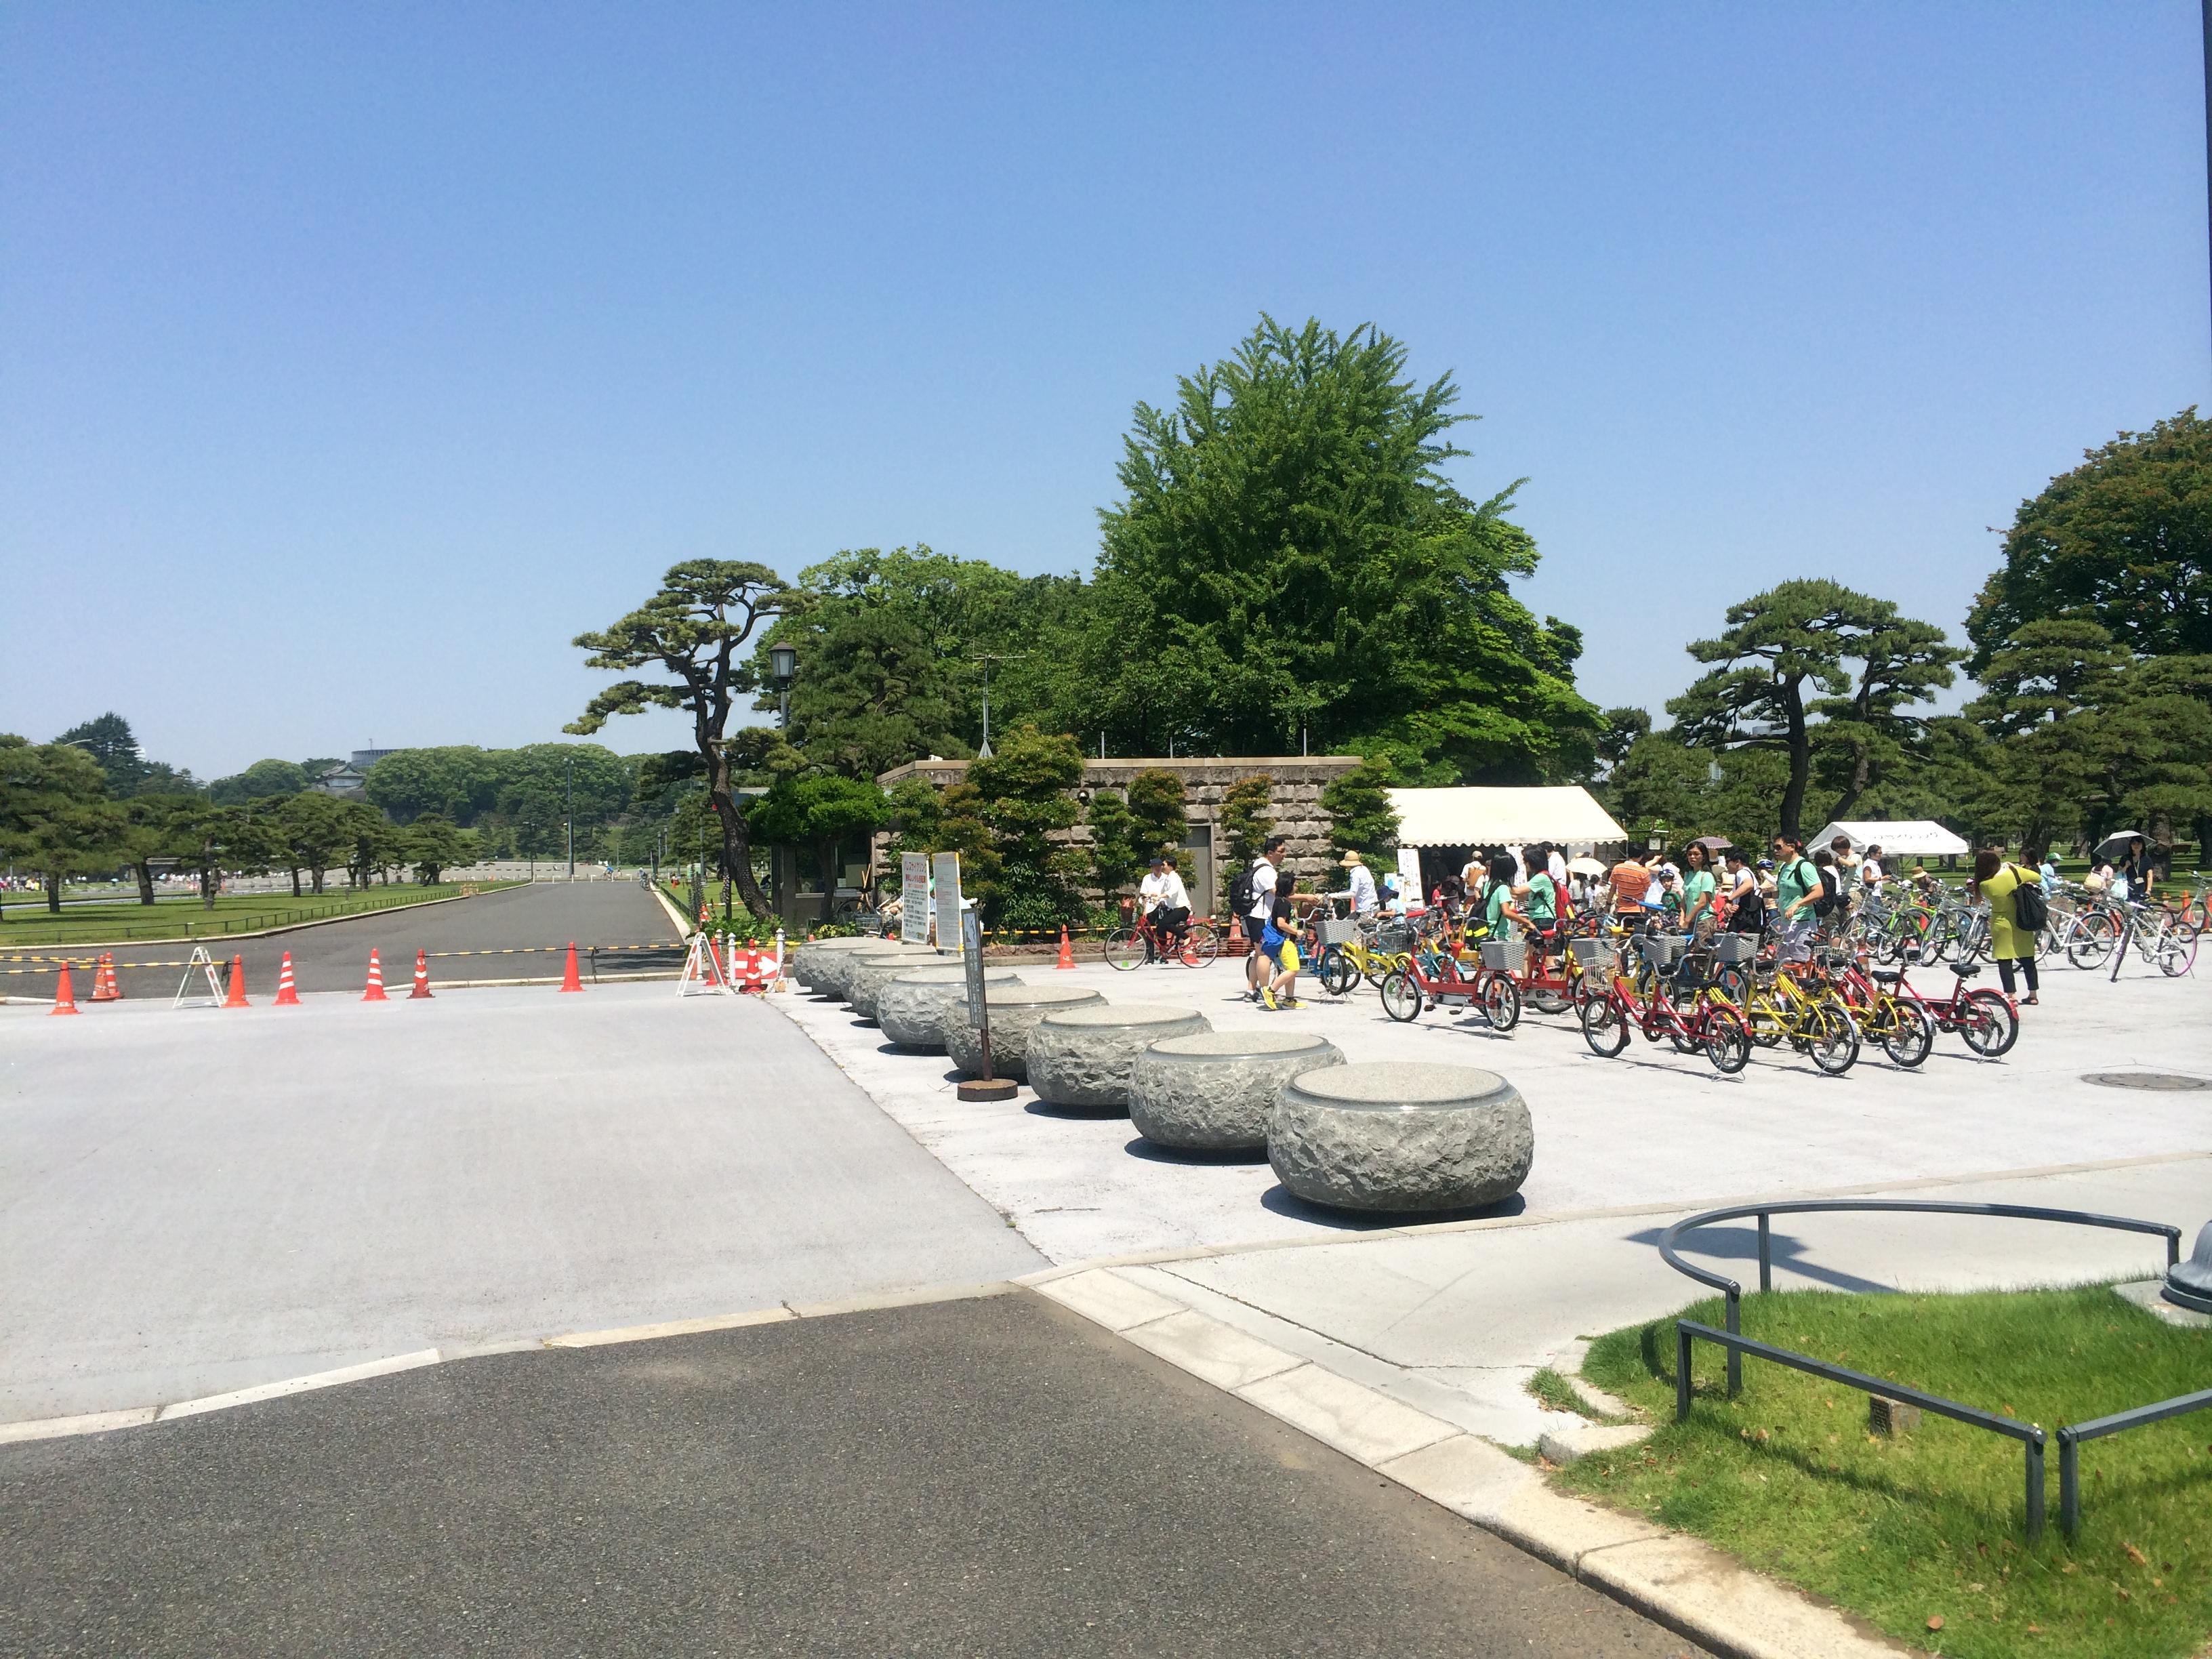 皇居の自転車教室に行ったら、子供が1時間で乗れるようになった!